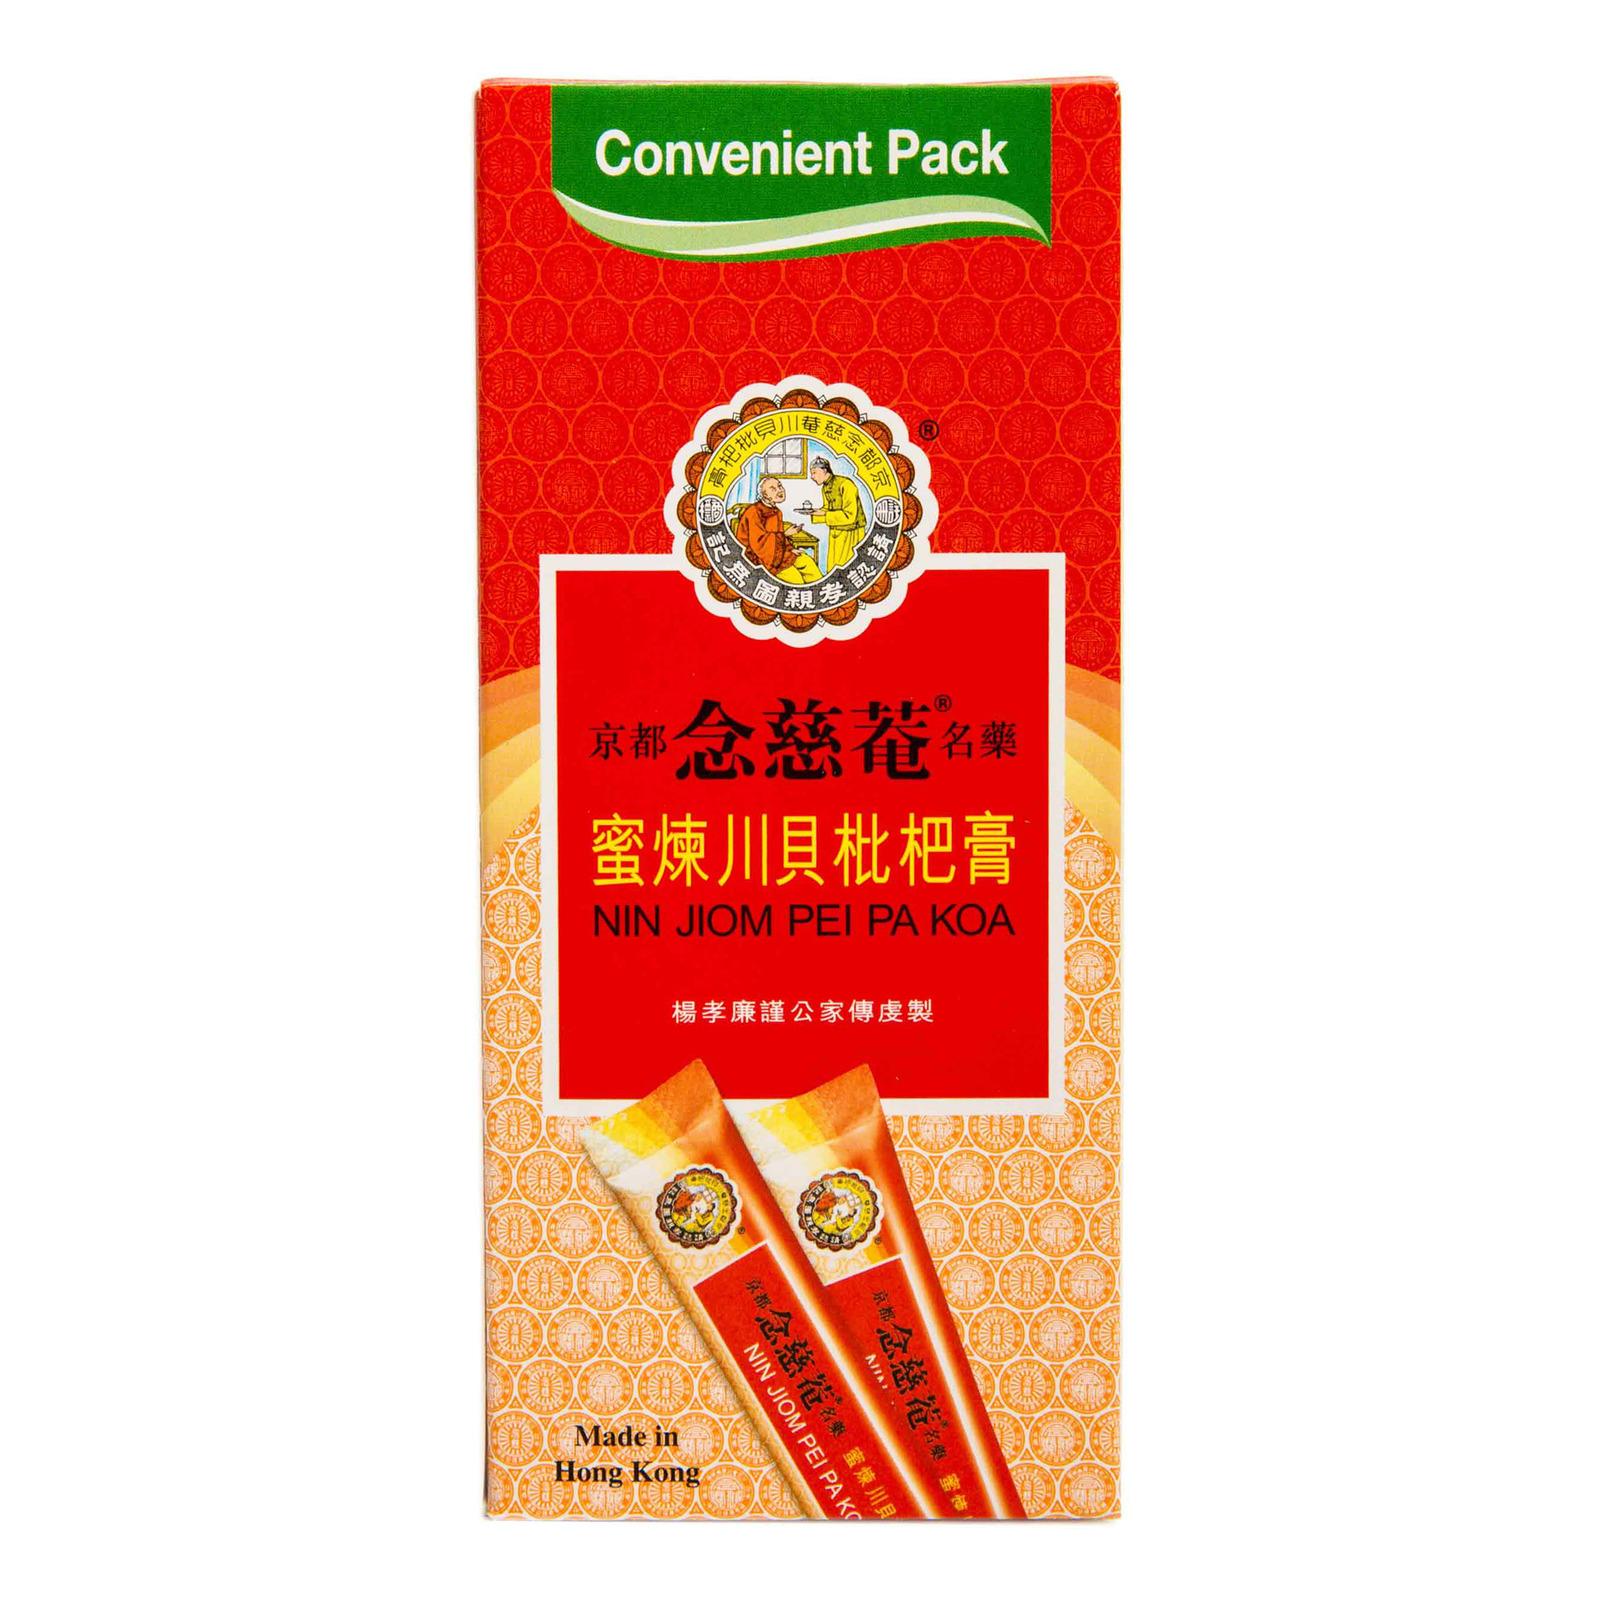 Nin Jiom Pei Pa Koa Cough Syrup (Convenient Pack)